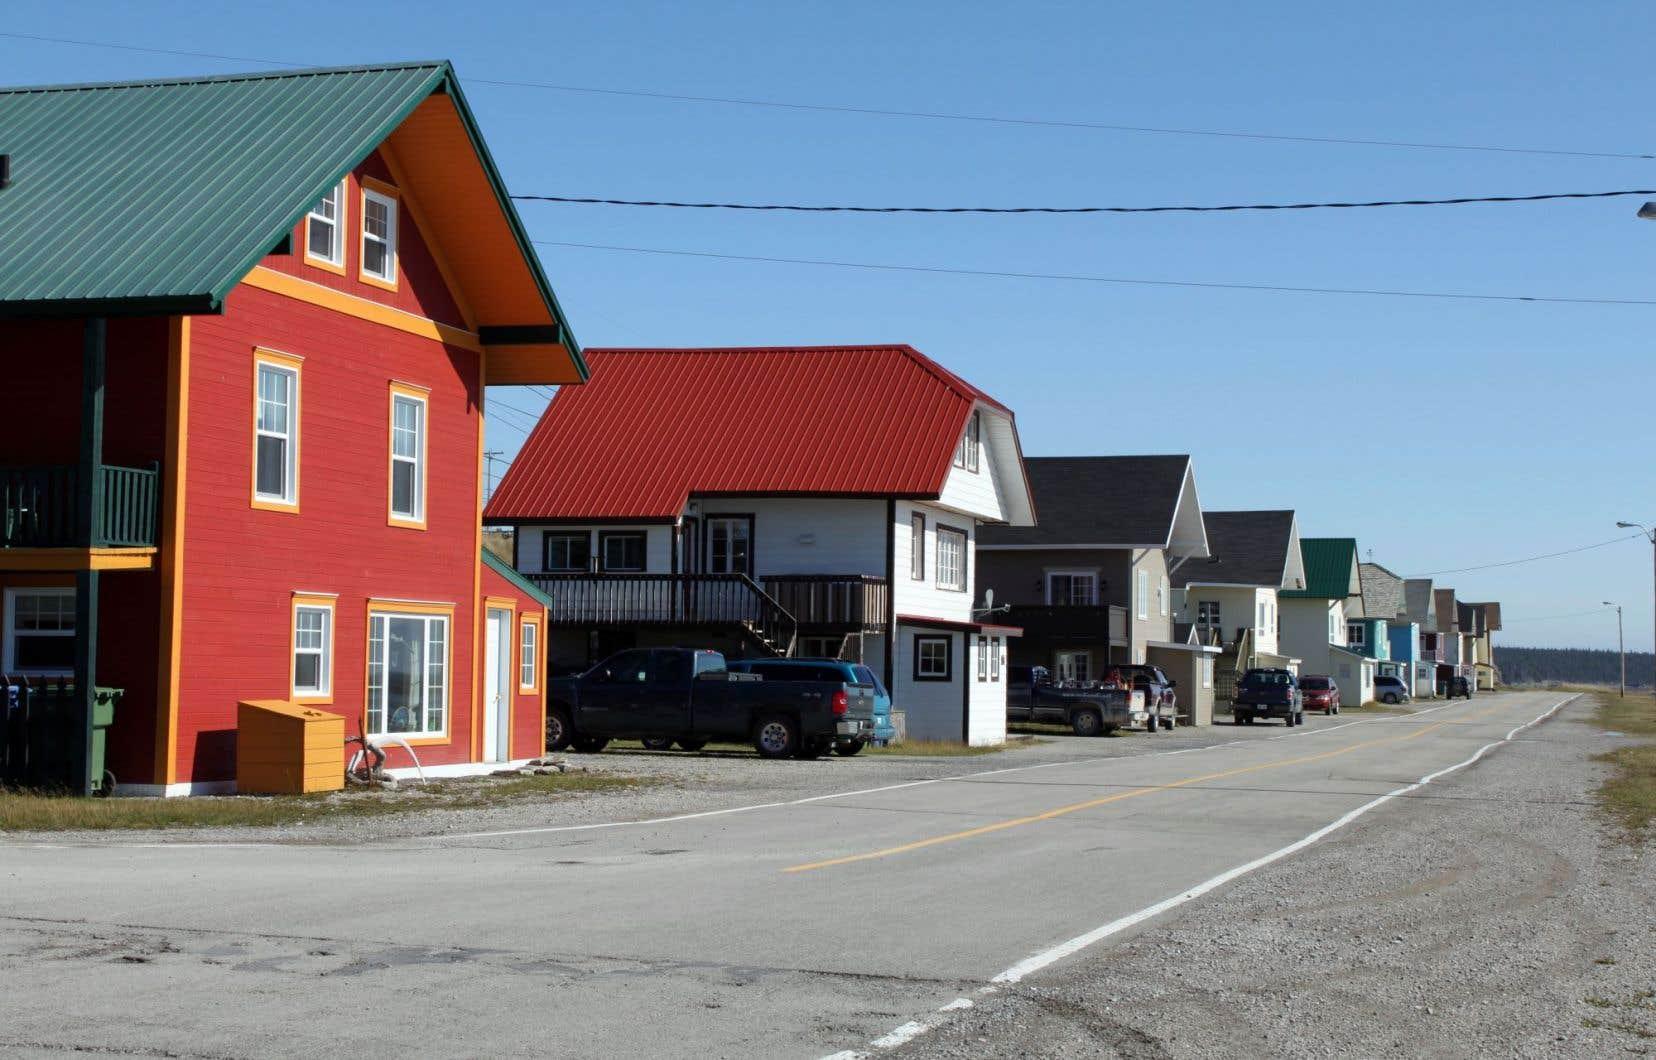 Sans projet de développement économique, le village de Port-Menier, le seul de l'île, est condamné à disparaître à moyen terme.